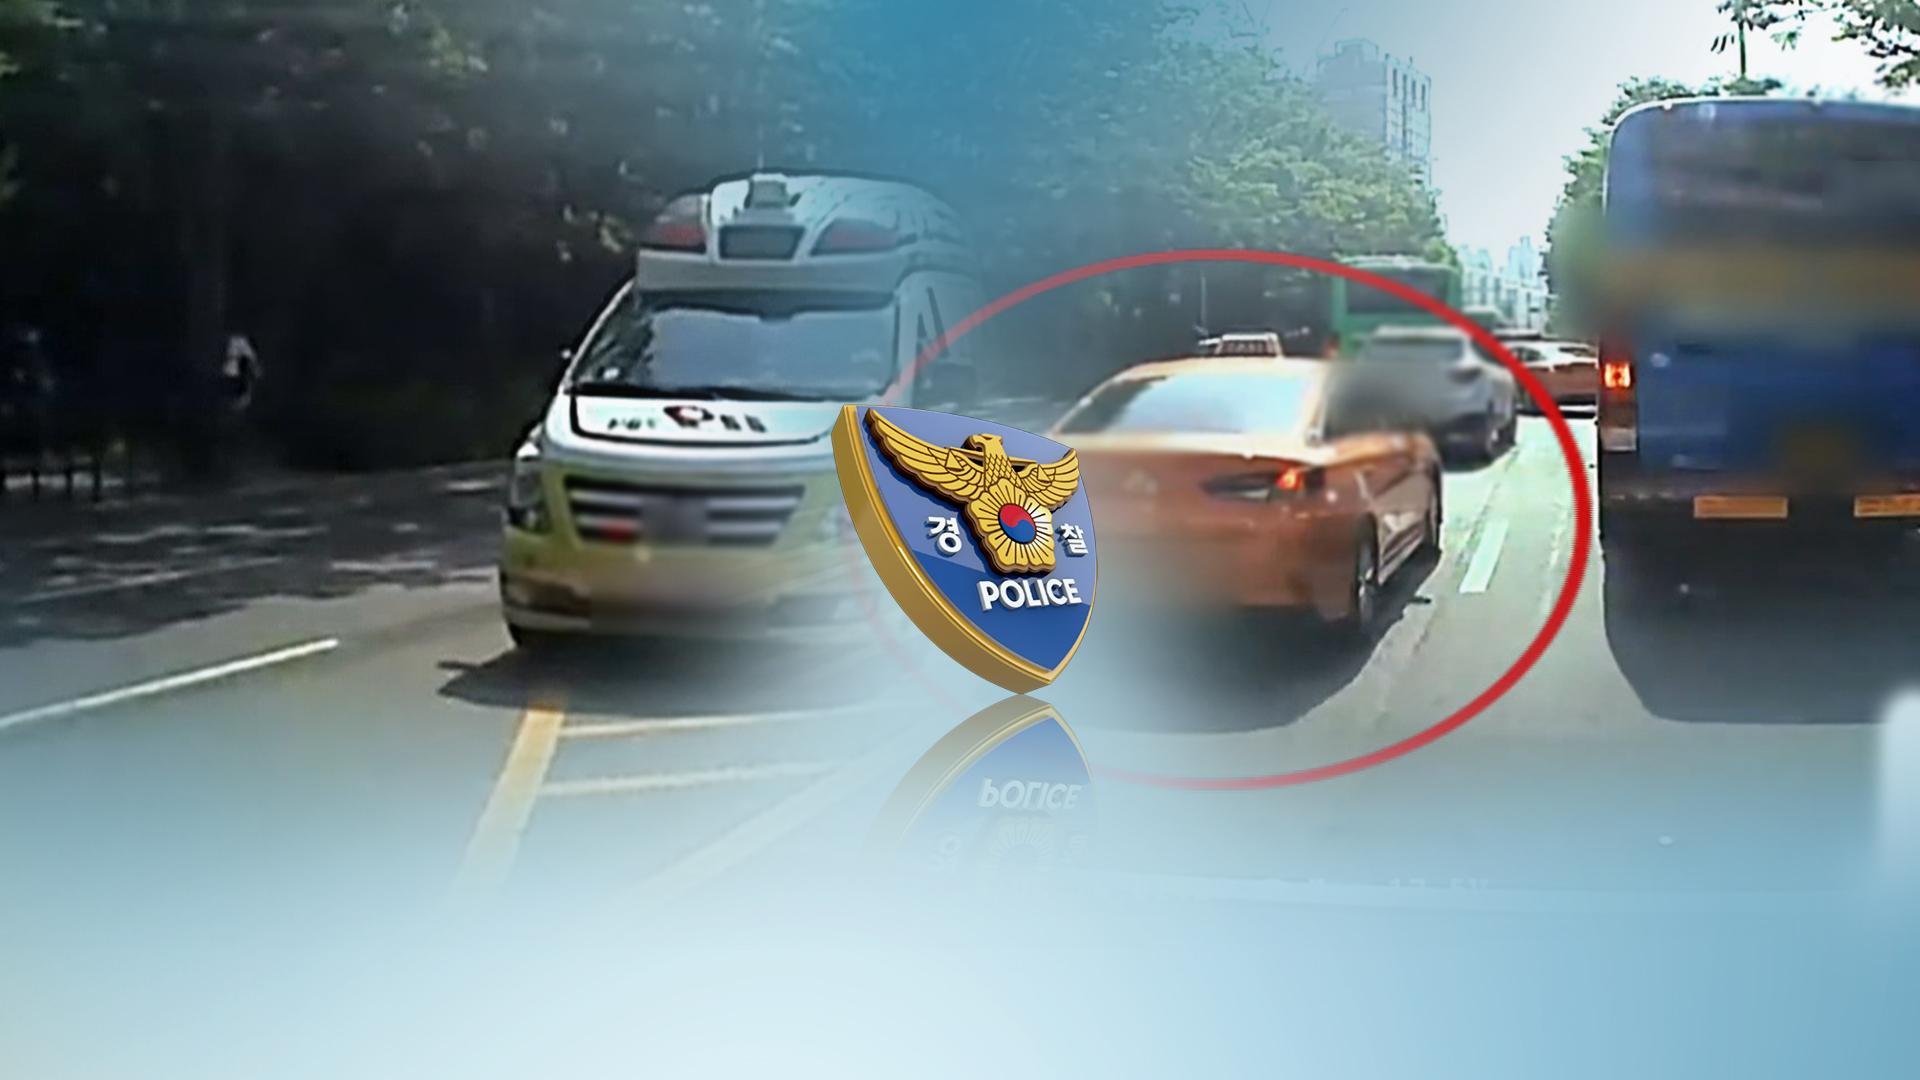 구급차 막은 택시기사